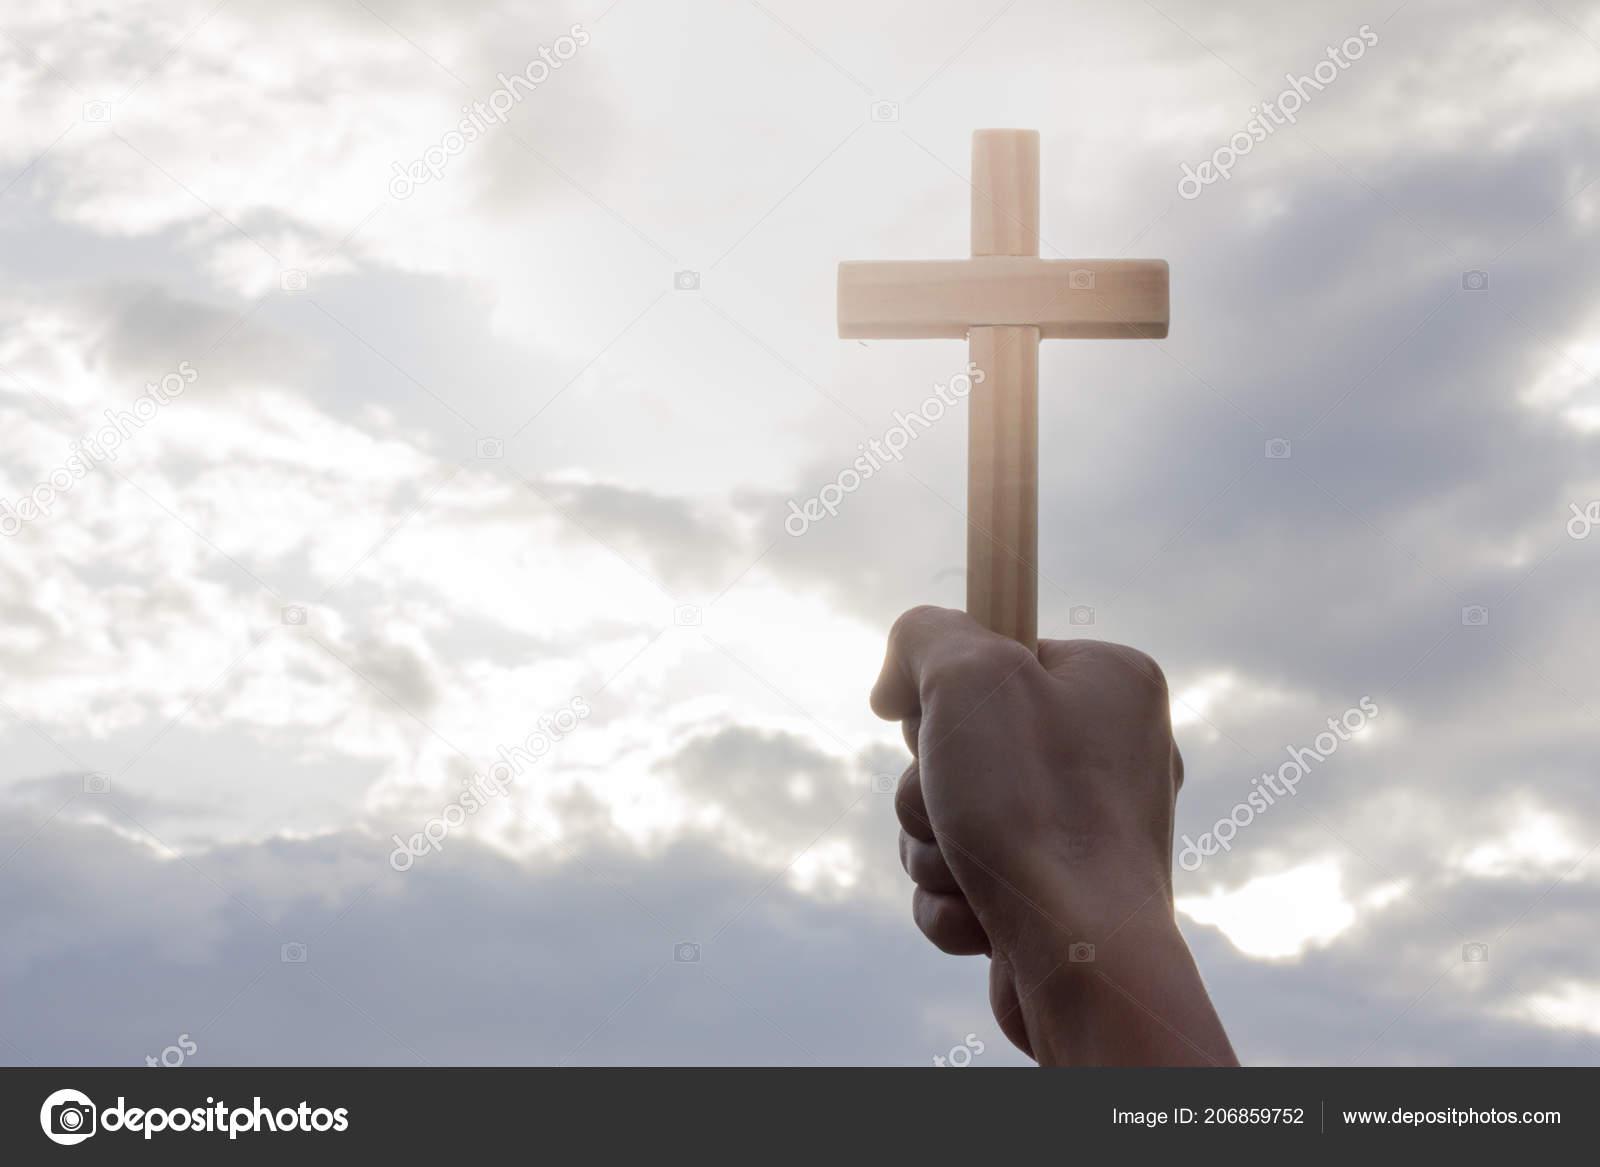 手持十字架的人的手 背景是日出 概念為基督徒 基督教 天主教宗教 天體或上帝 — 圖庫照片©Tinnakorn#206859752